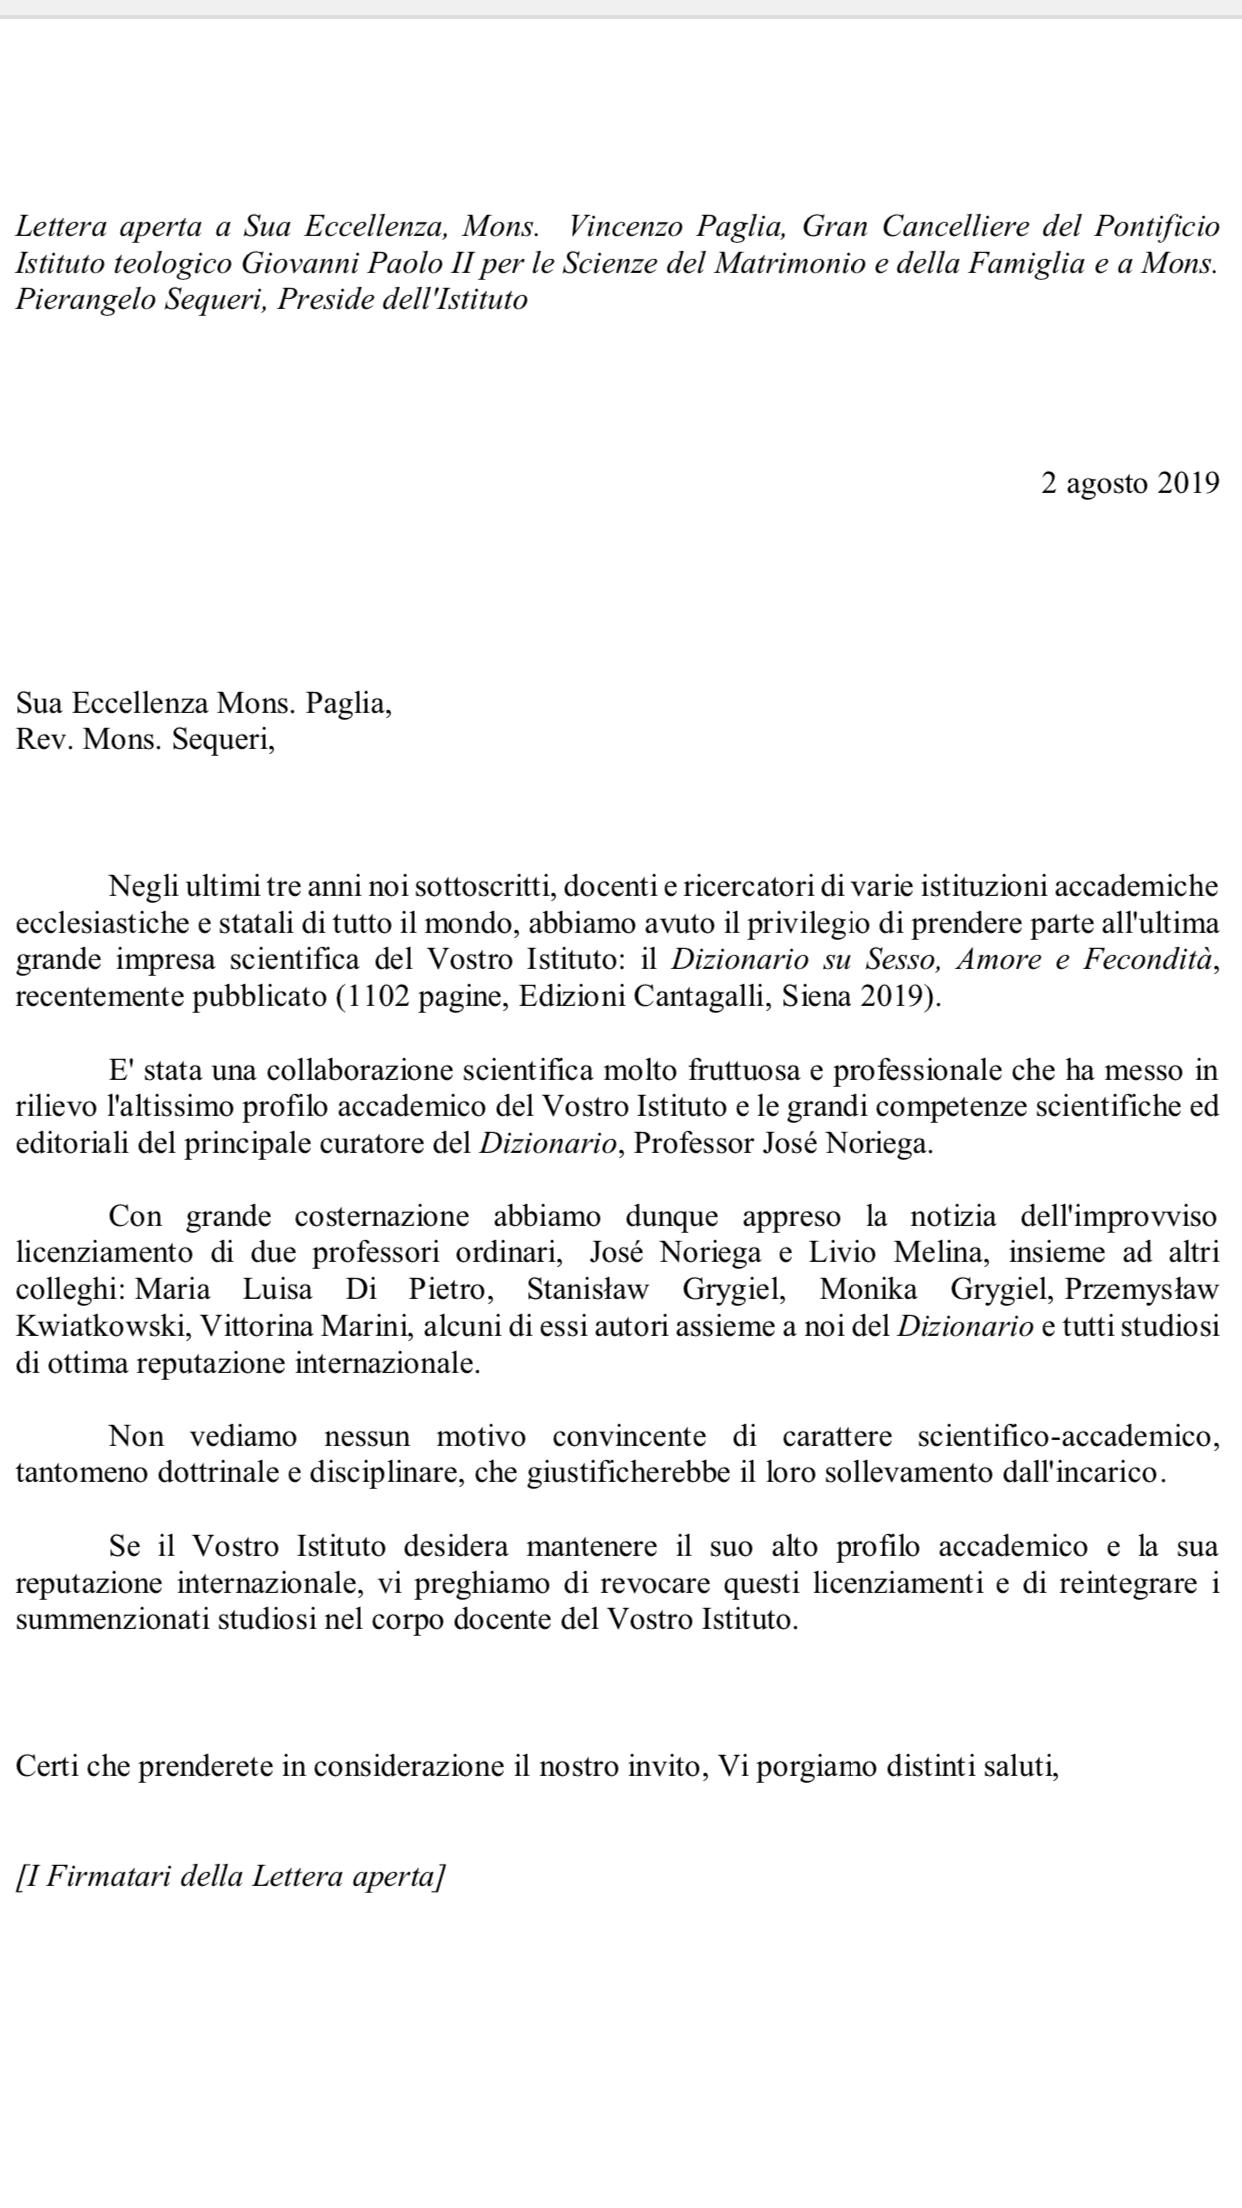 Lettera aperta di 49 studiosi al Pontificio Istituto Giovanni Paolo II